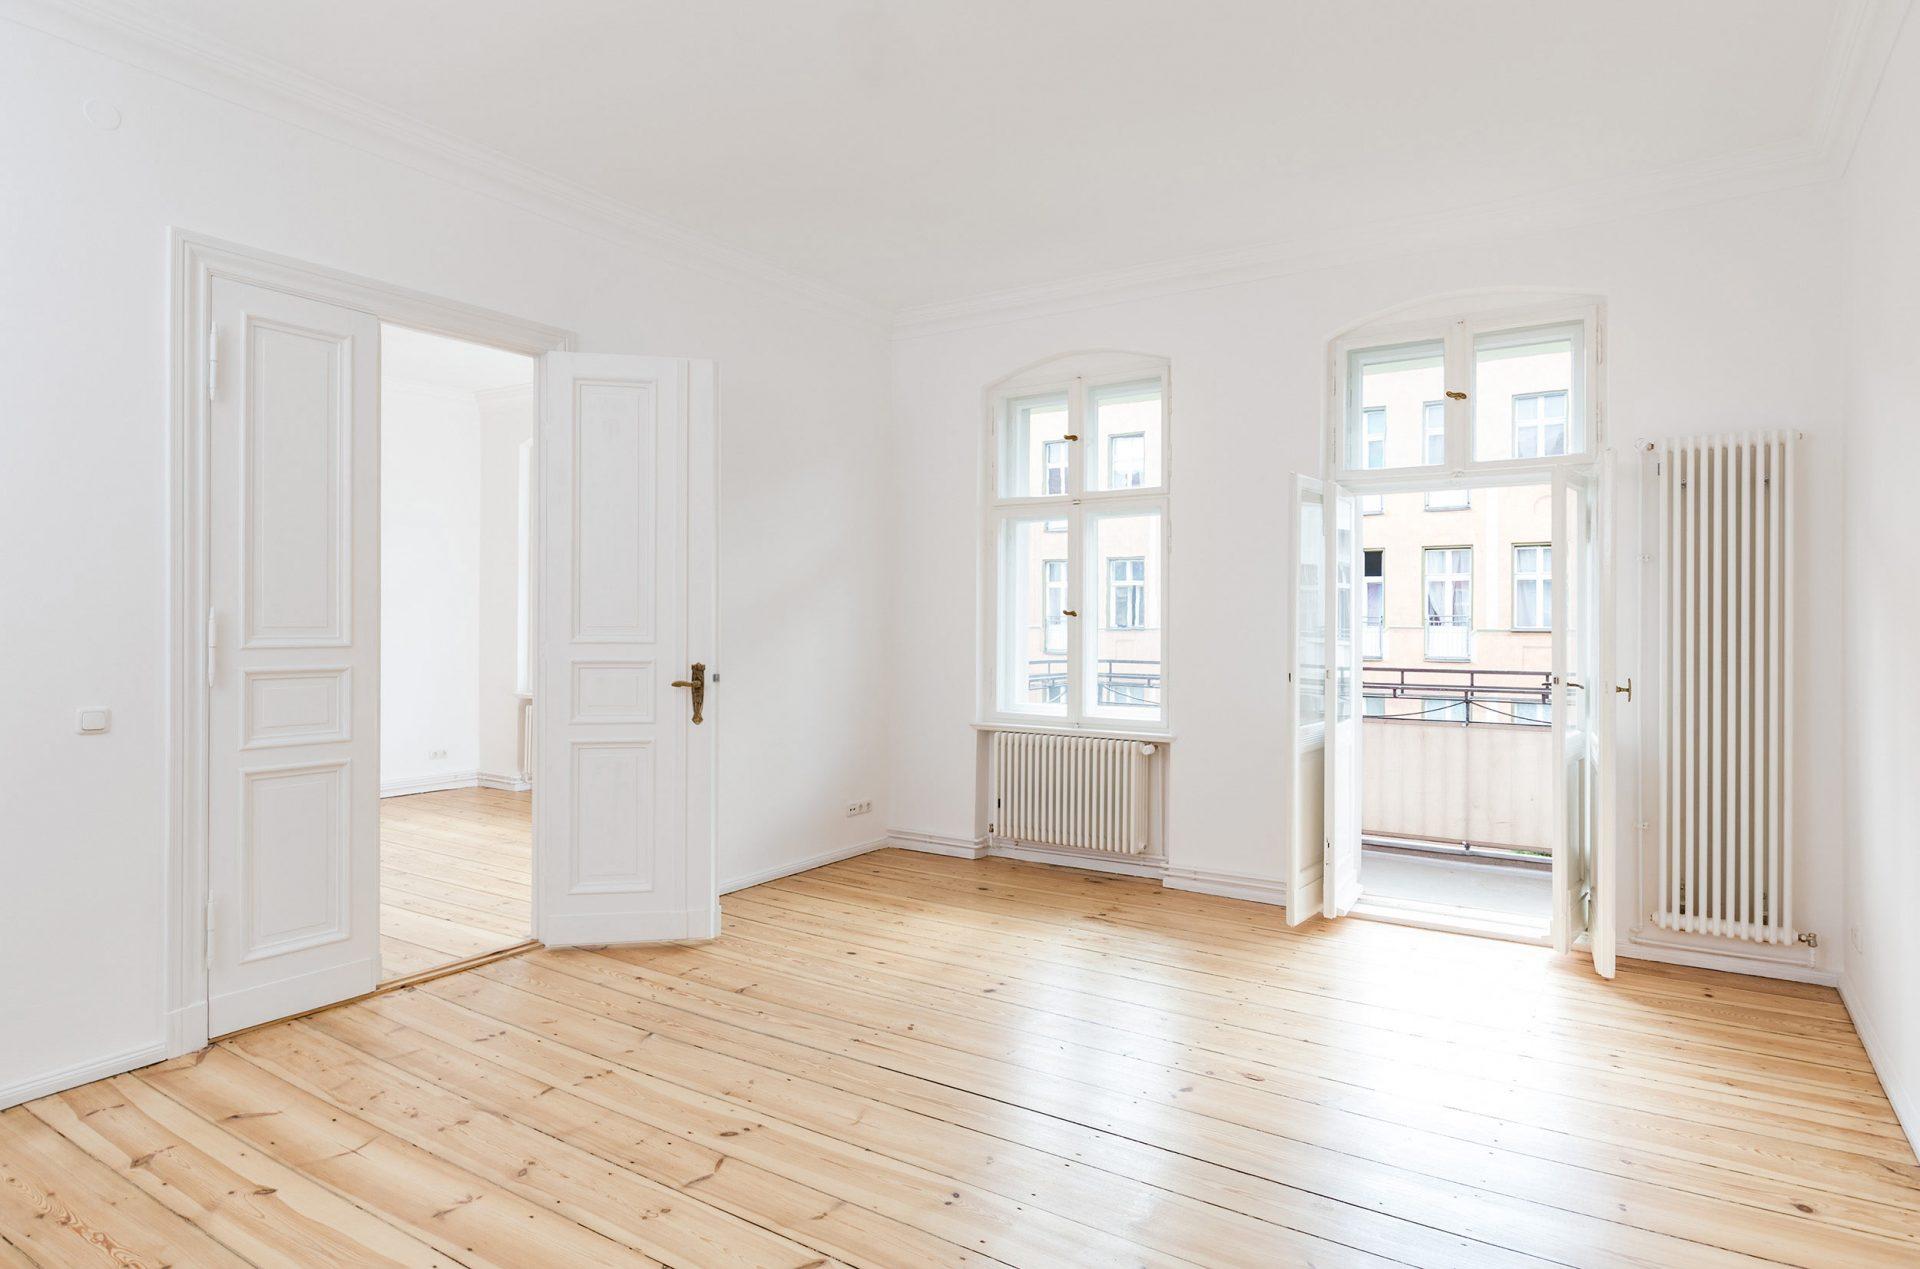 Immobilienfotografie Wohnzimmer Altbau ©offenblende.de